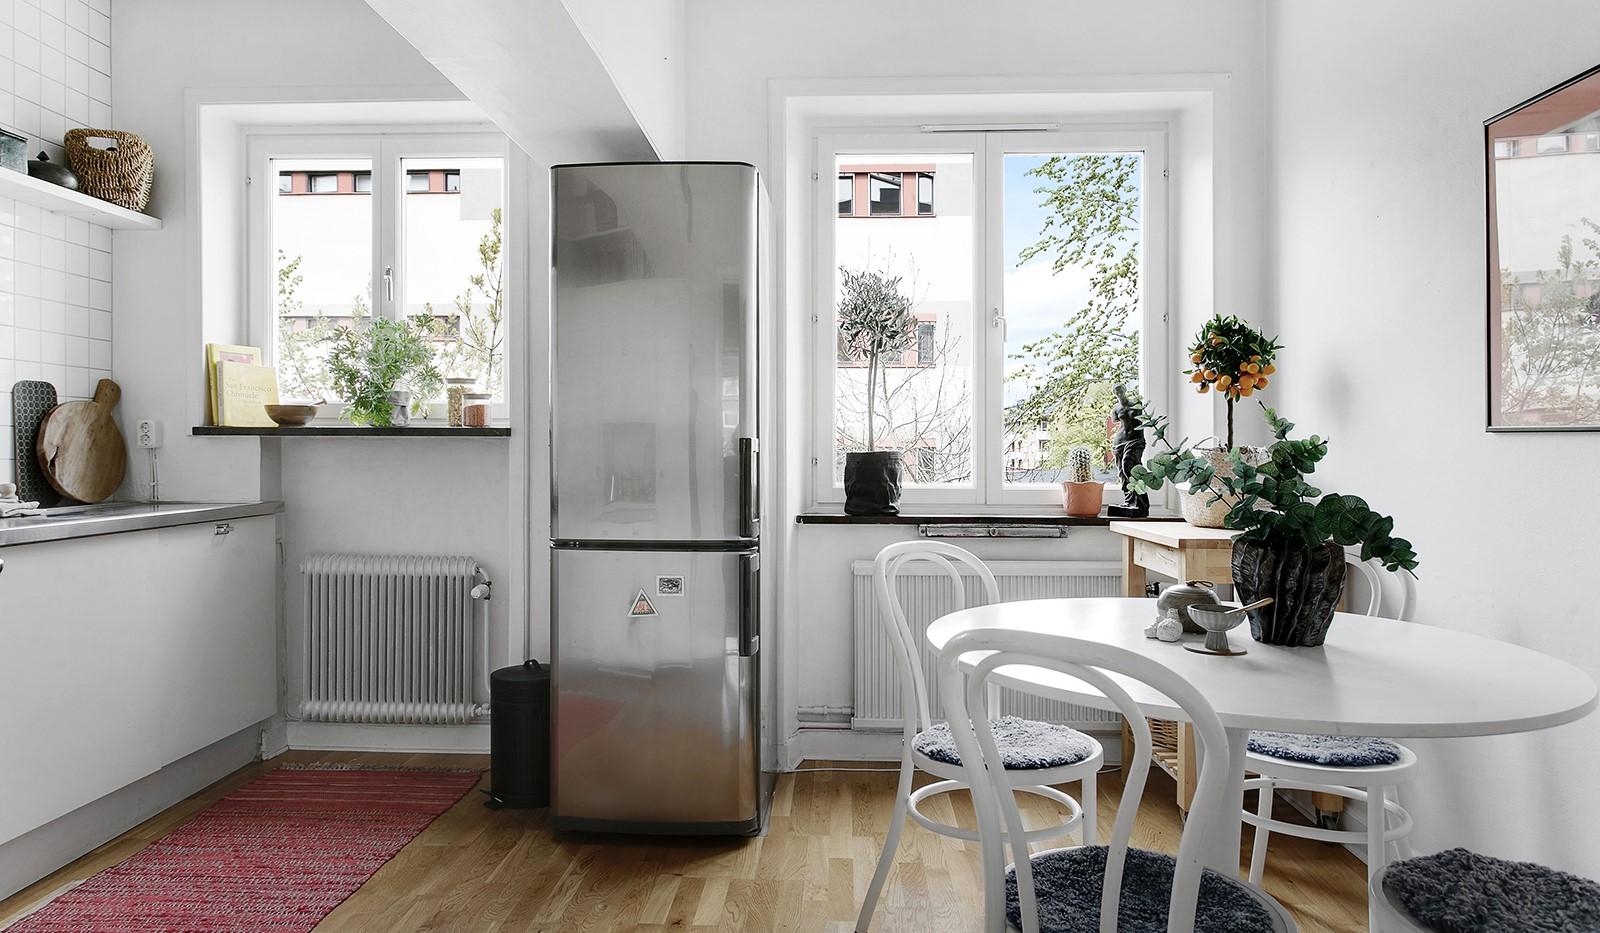 Maria Prästgårdsgata 39, 1tr - Rymligt kök med plats för matbord